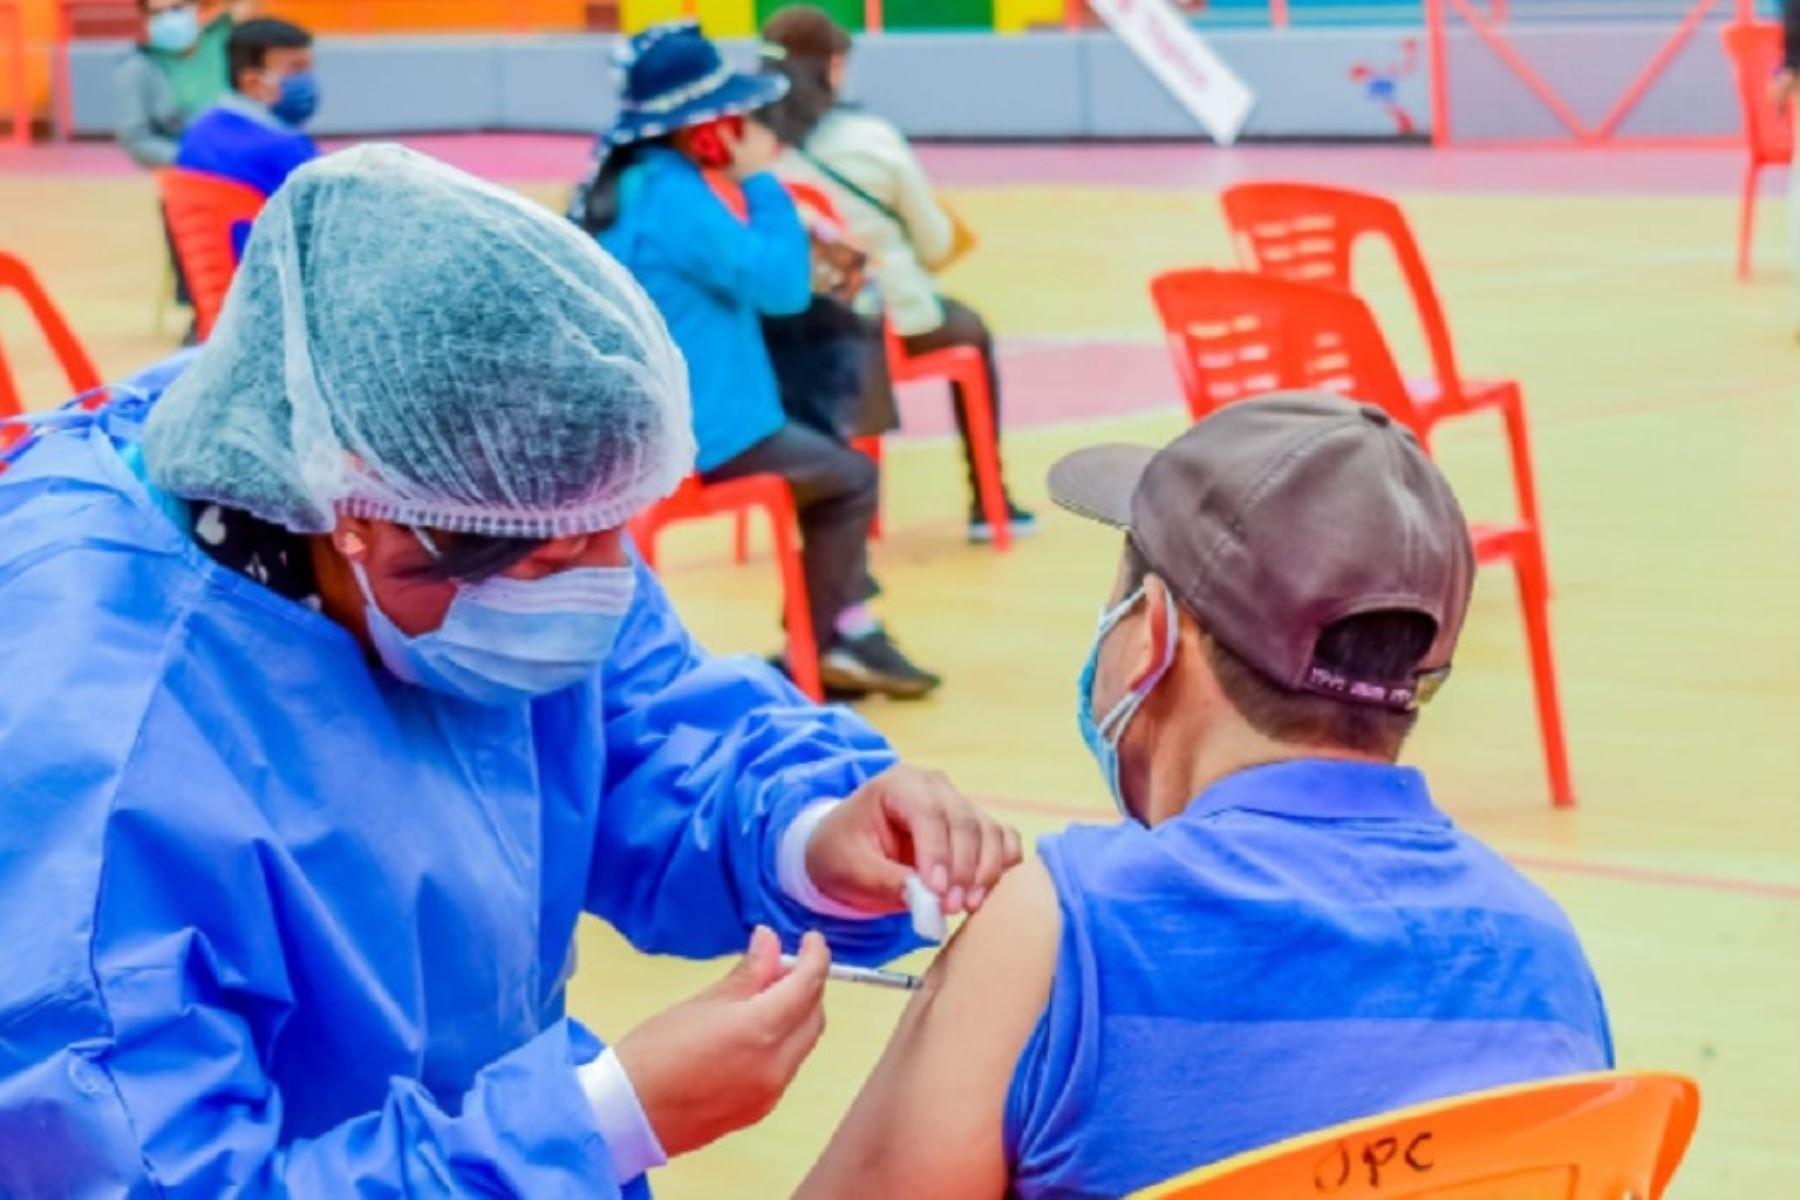 Áncash: 55 % de maestros rurales recibió dosis anticovid-19 en primer día de vacunación